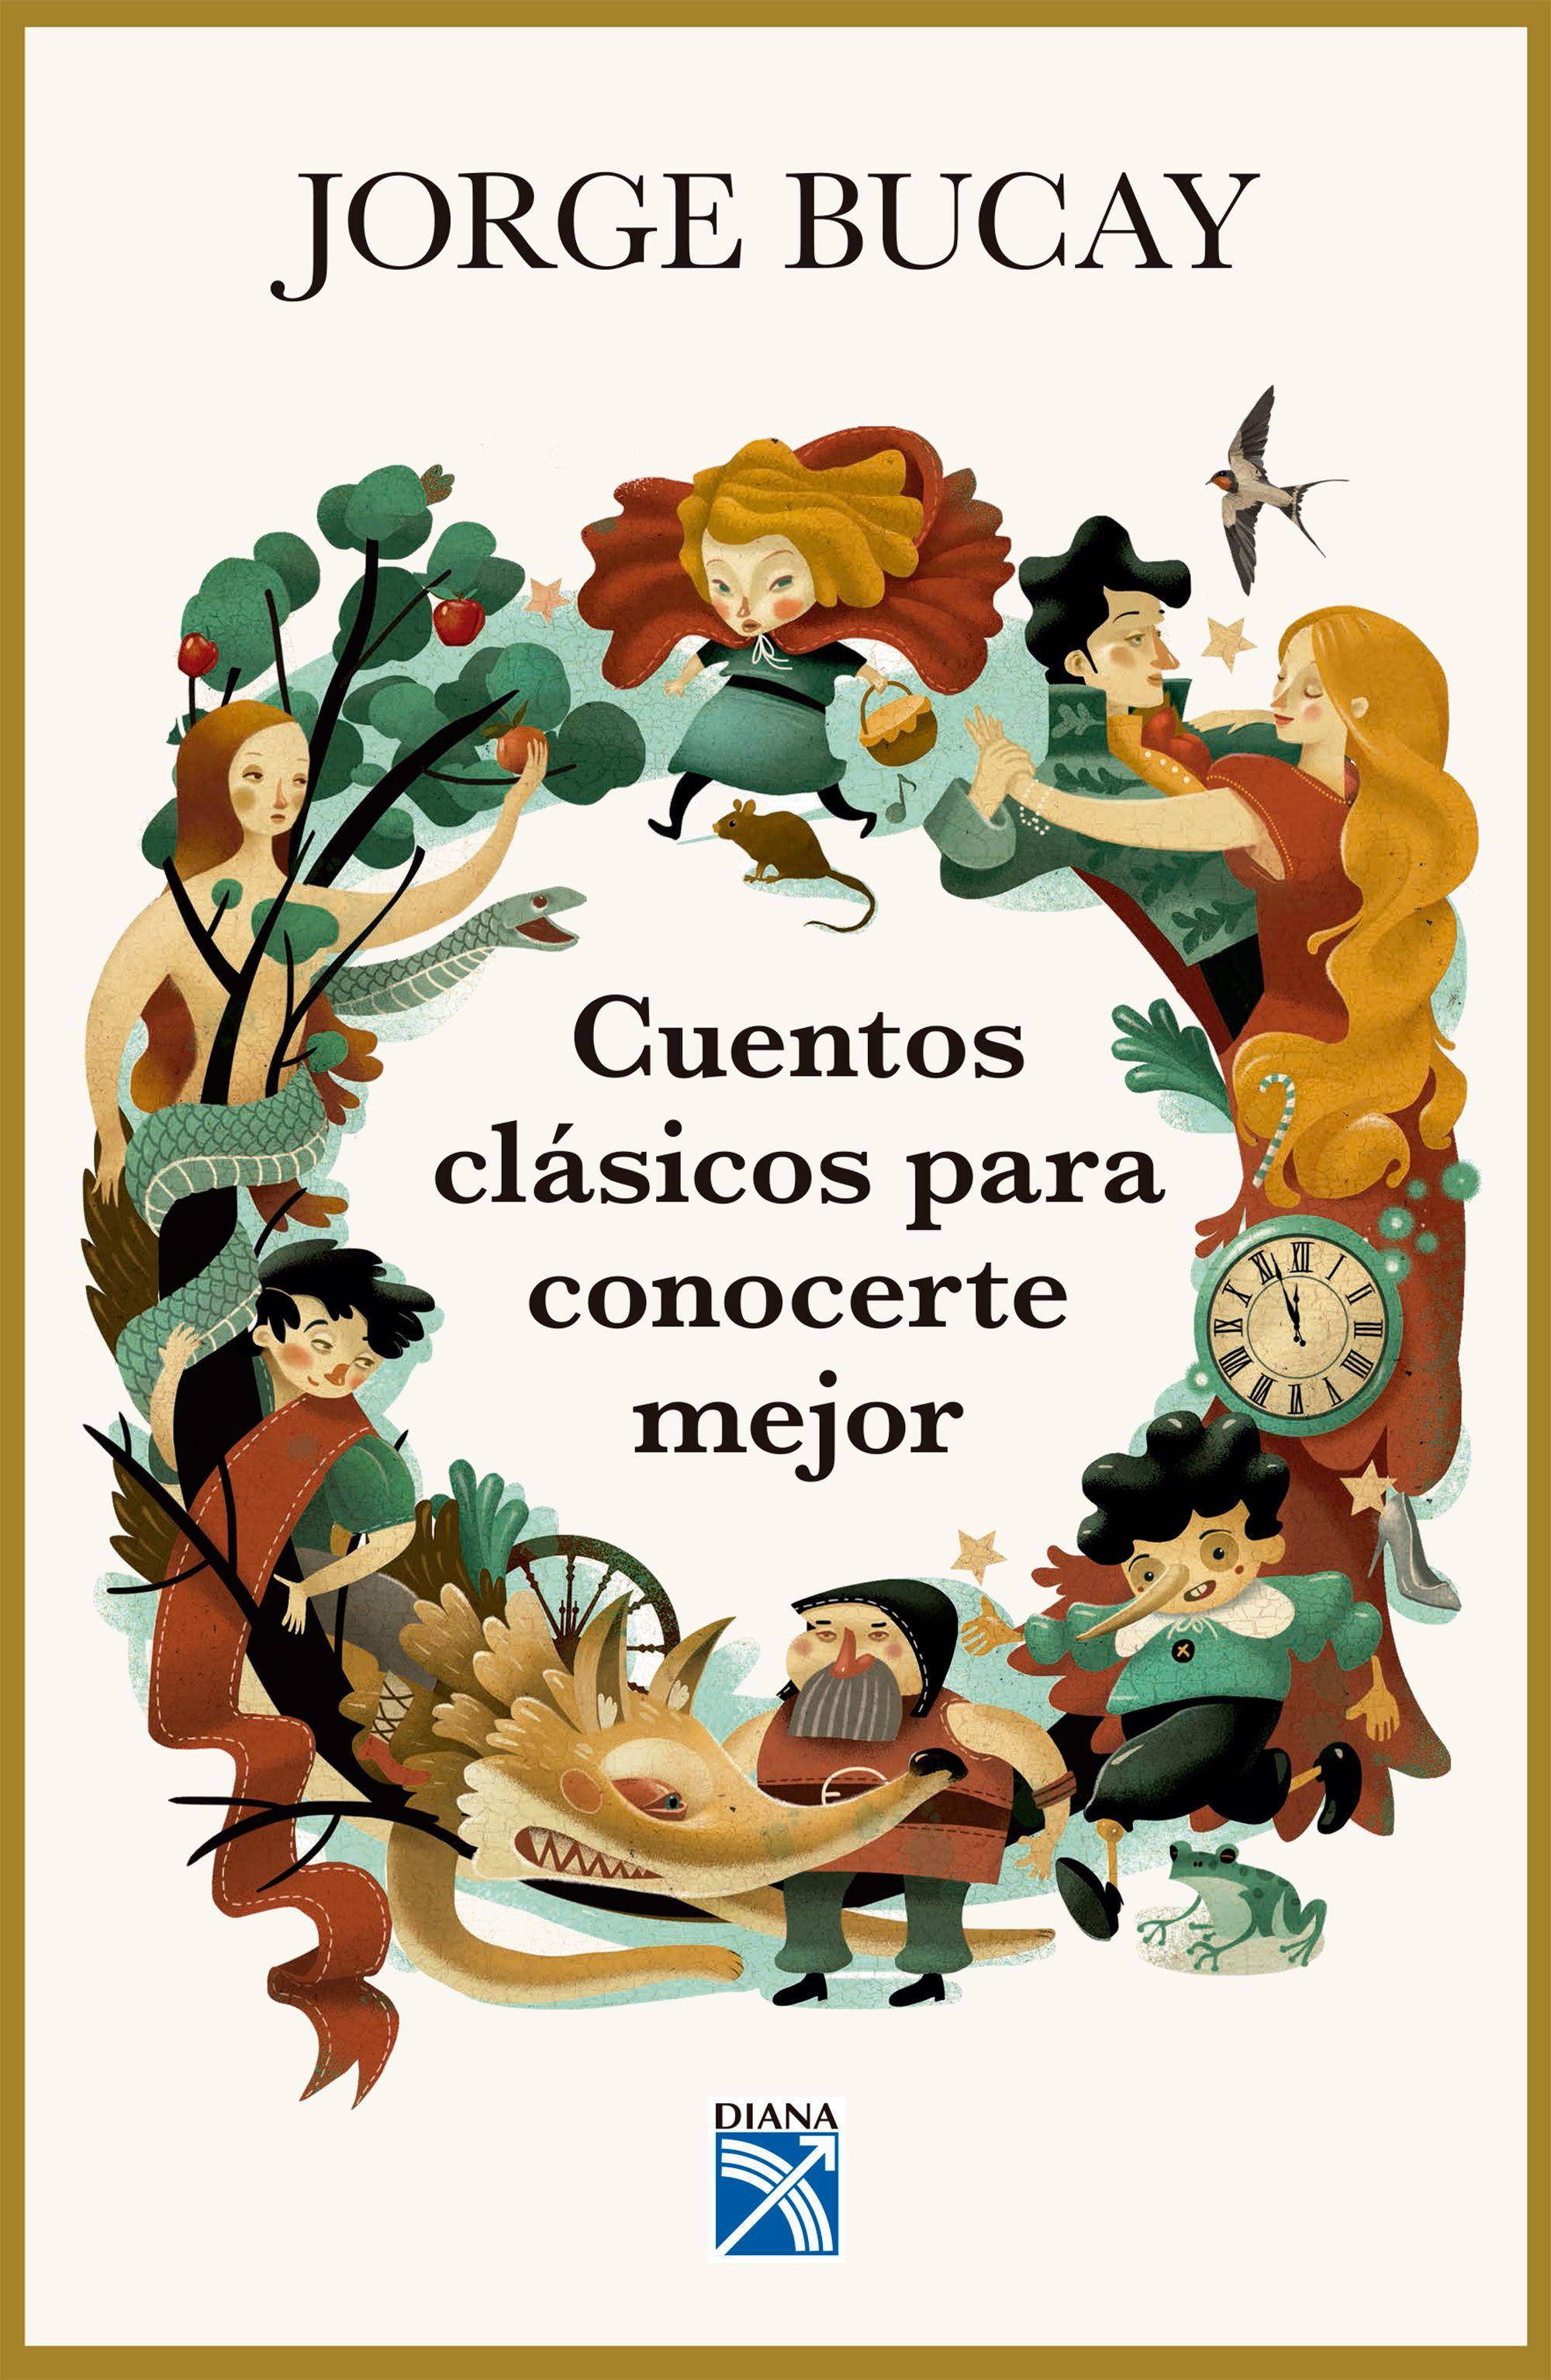 Cuentos Clásicos Para Conocerte Mejor - Jorge Bucay - Diana